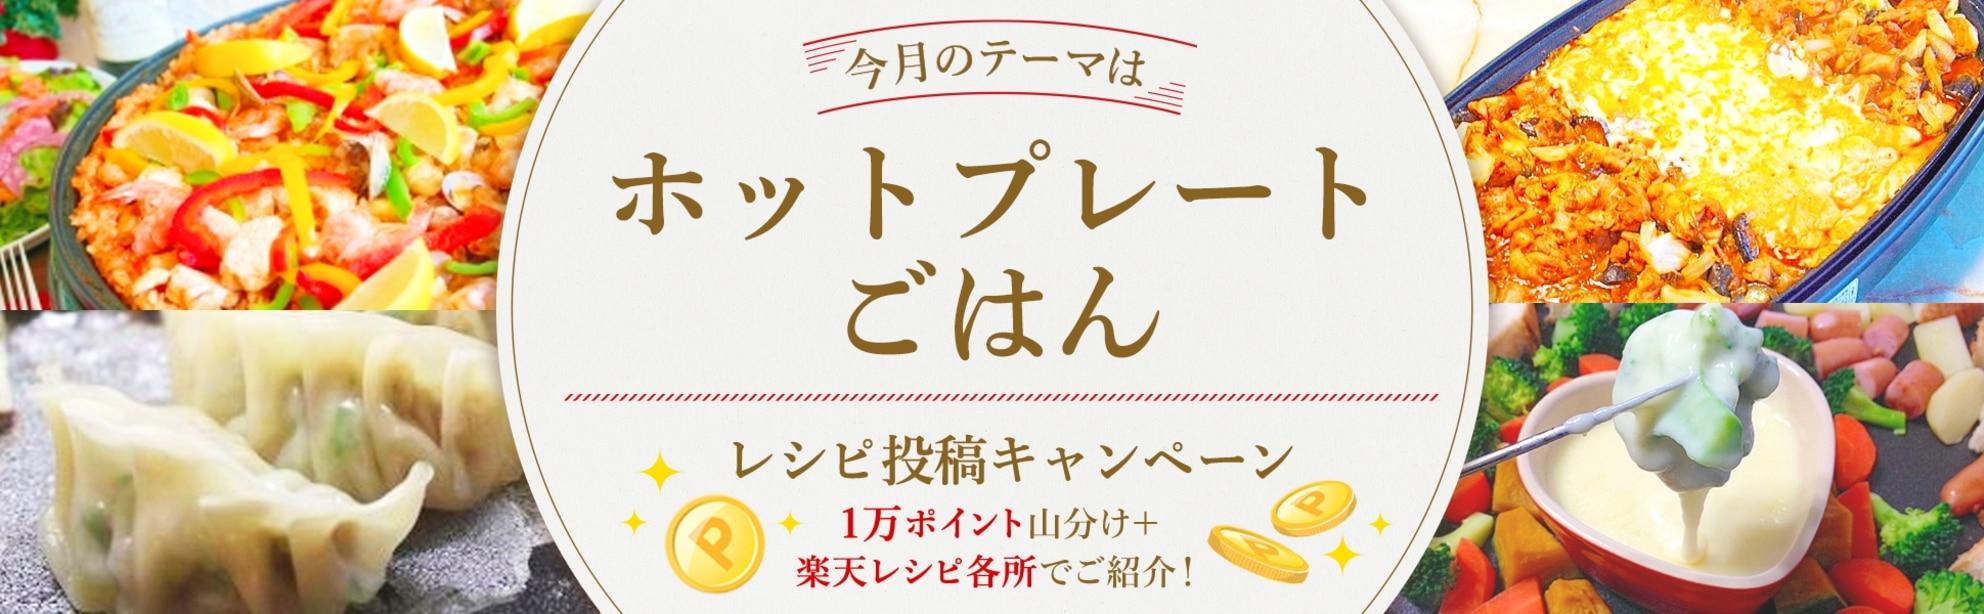 【毎月開催!】自慢のレシピ大募集♪<今月のテーマは「ホットプレートごはん」!>